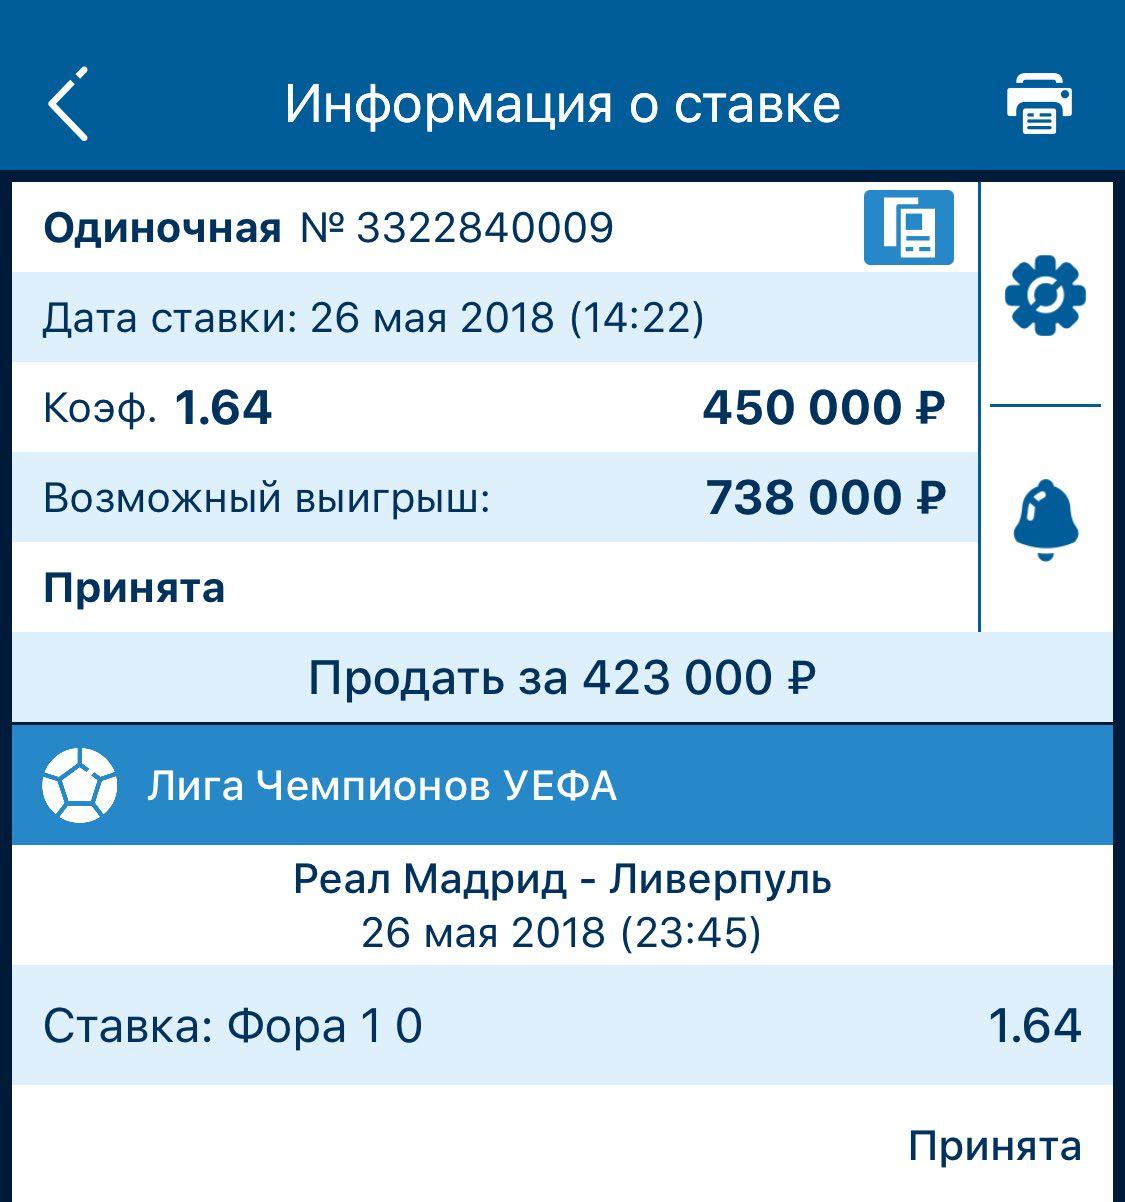 Прогноз на матч Бузарнеску М. - Викери С.: путевка во второй круг достанется Бузарнеску